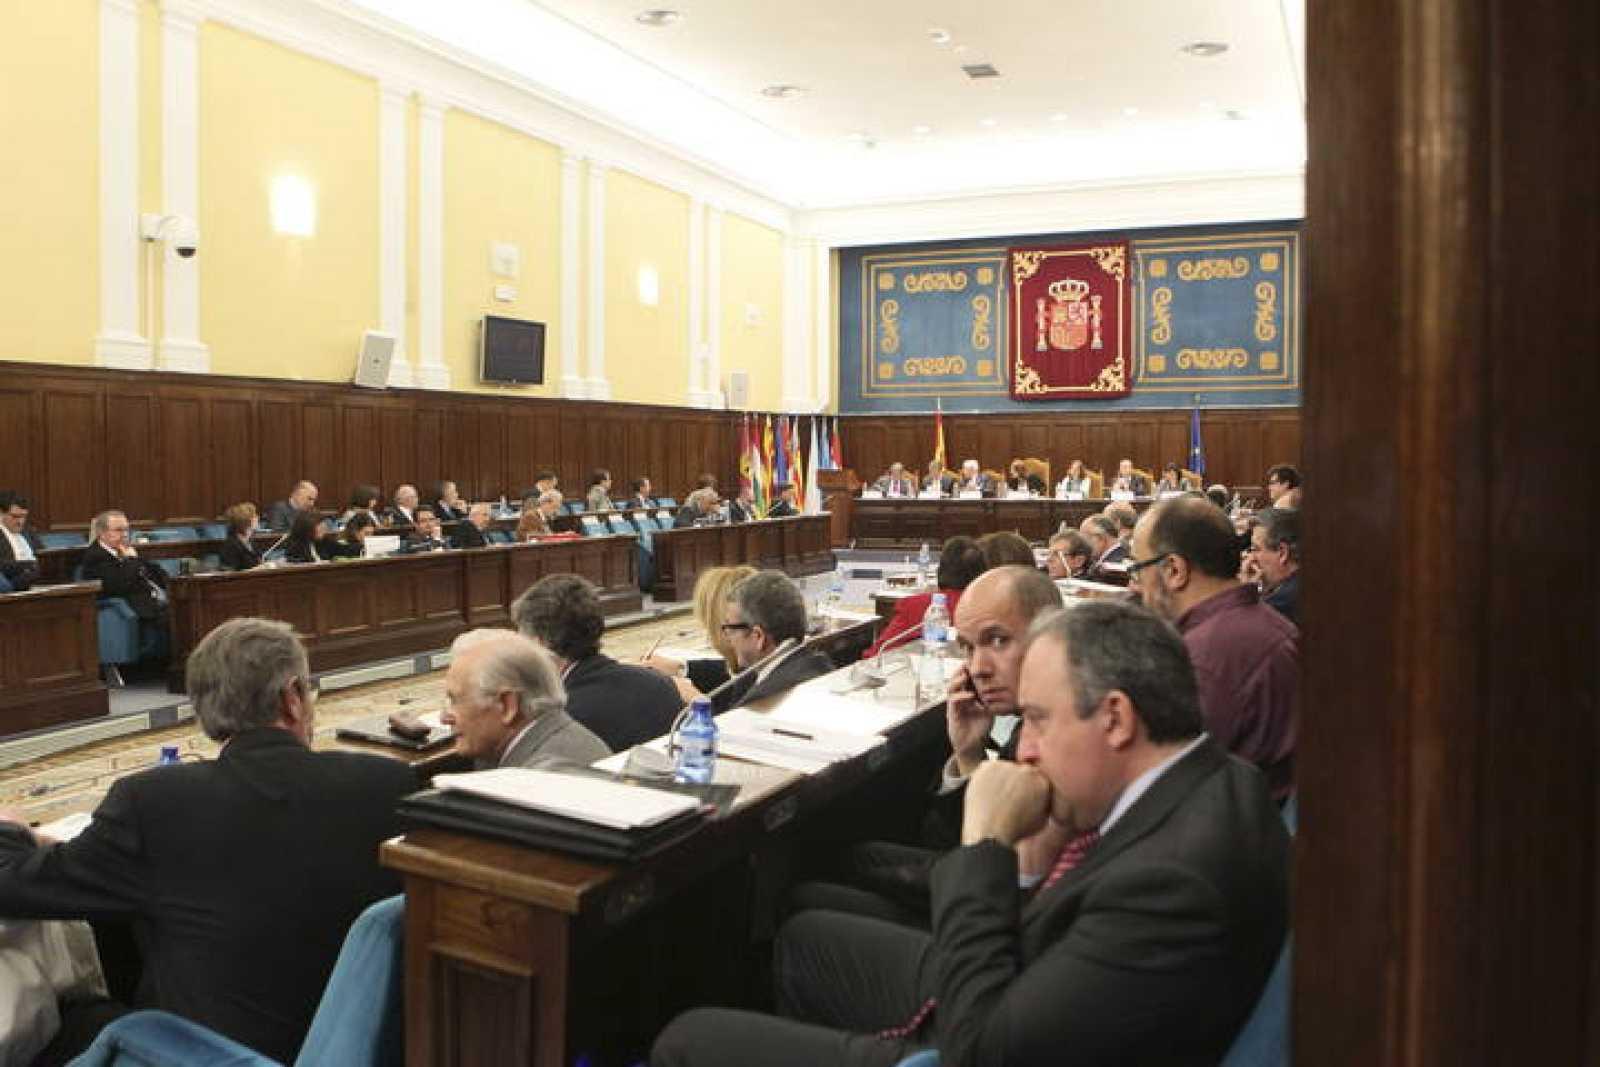 El Ministerio de Educación y los rectores de universidades mantienen sus discrepancias sobre el acceso a becas